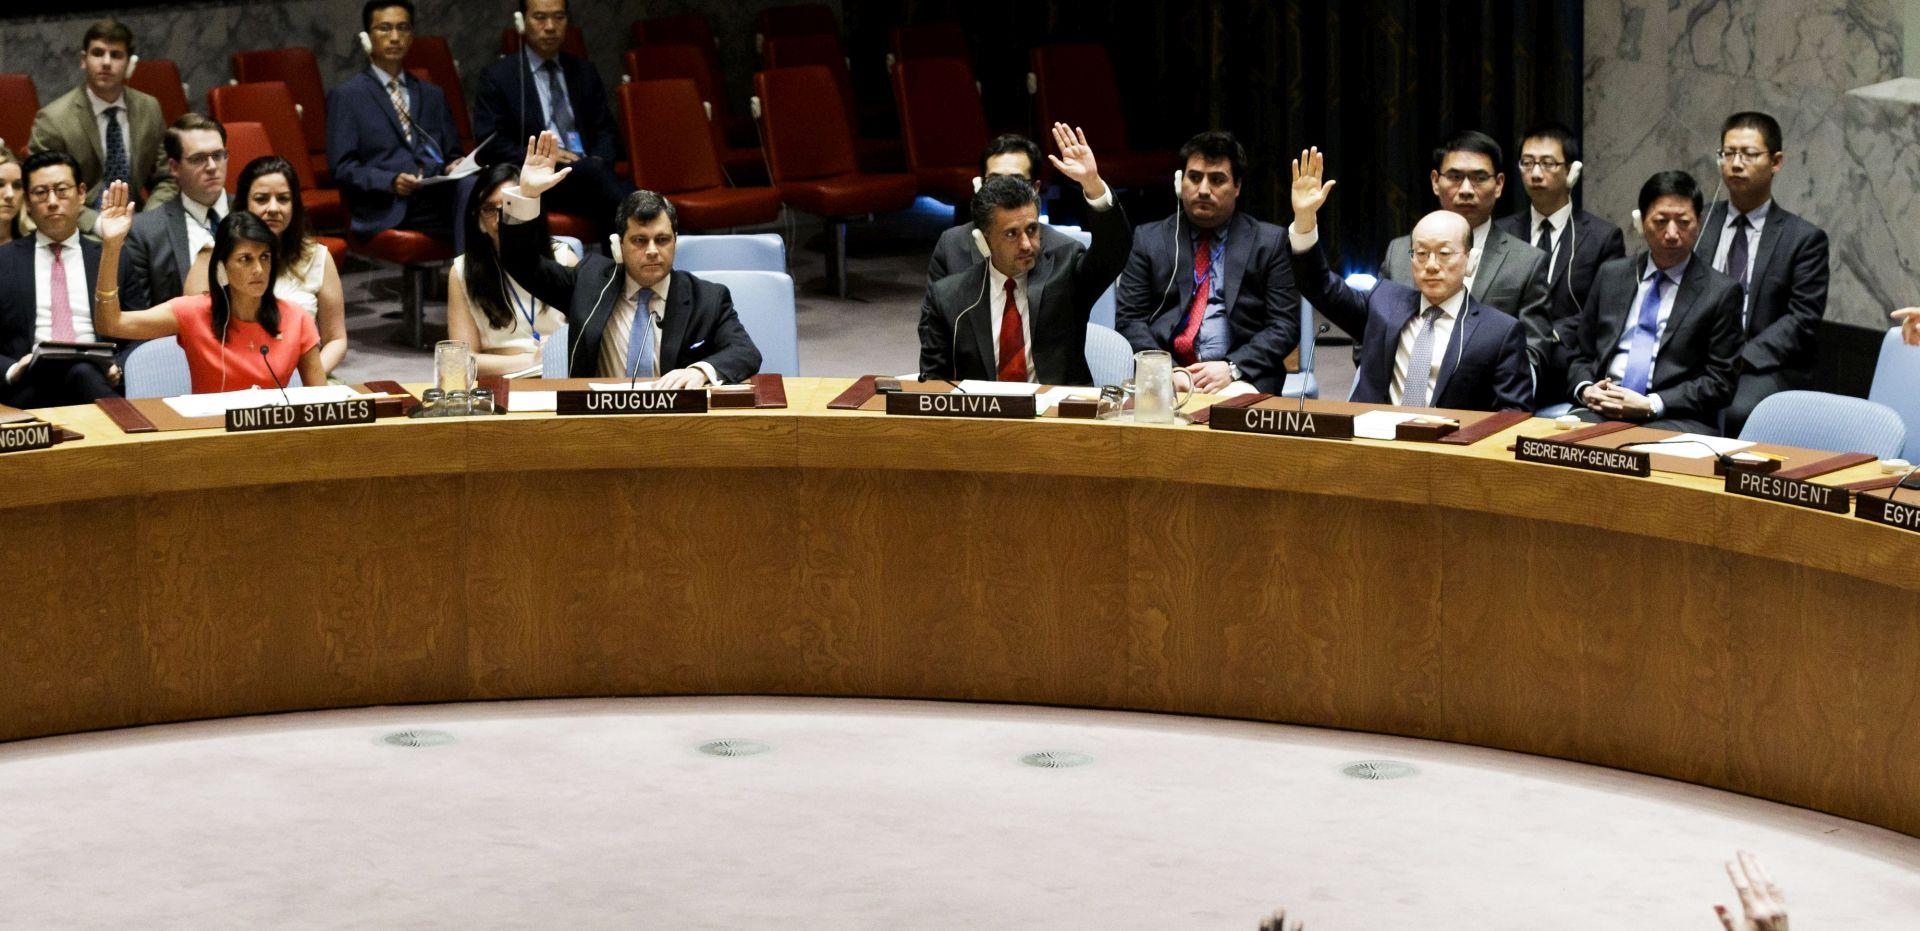 Velika Britanija zatražila sastanak VS UN-a zbog slučaja Skripala